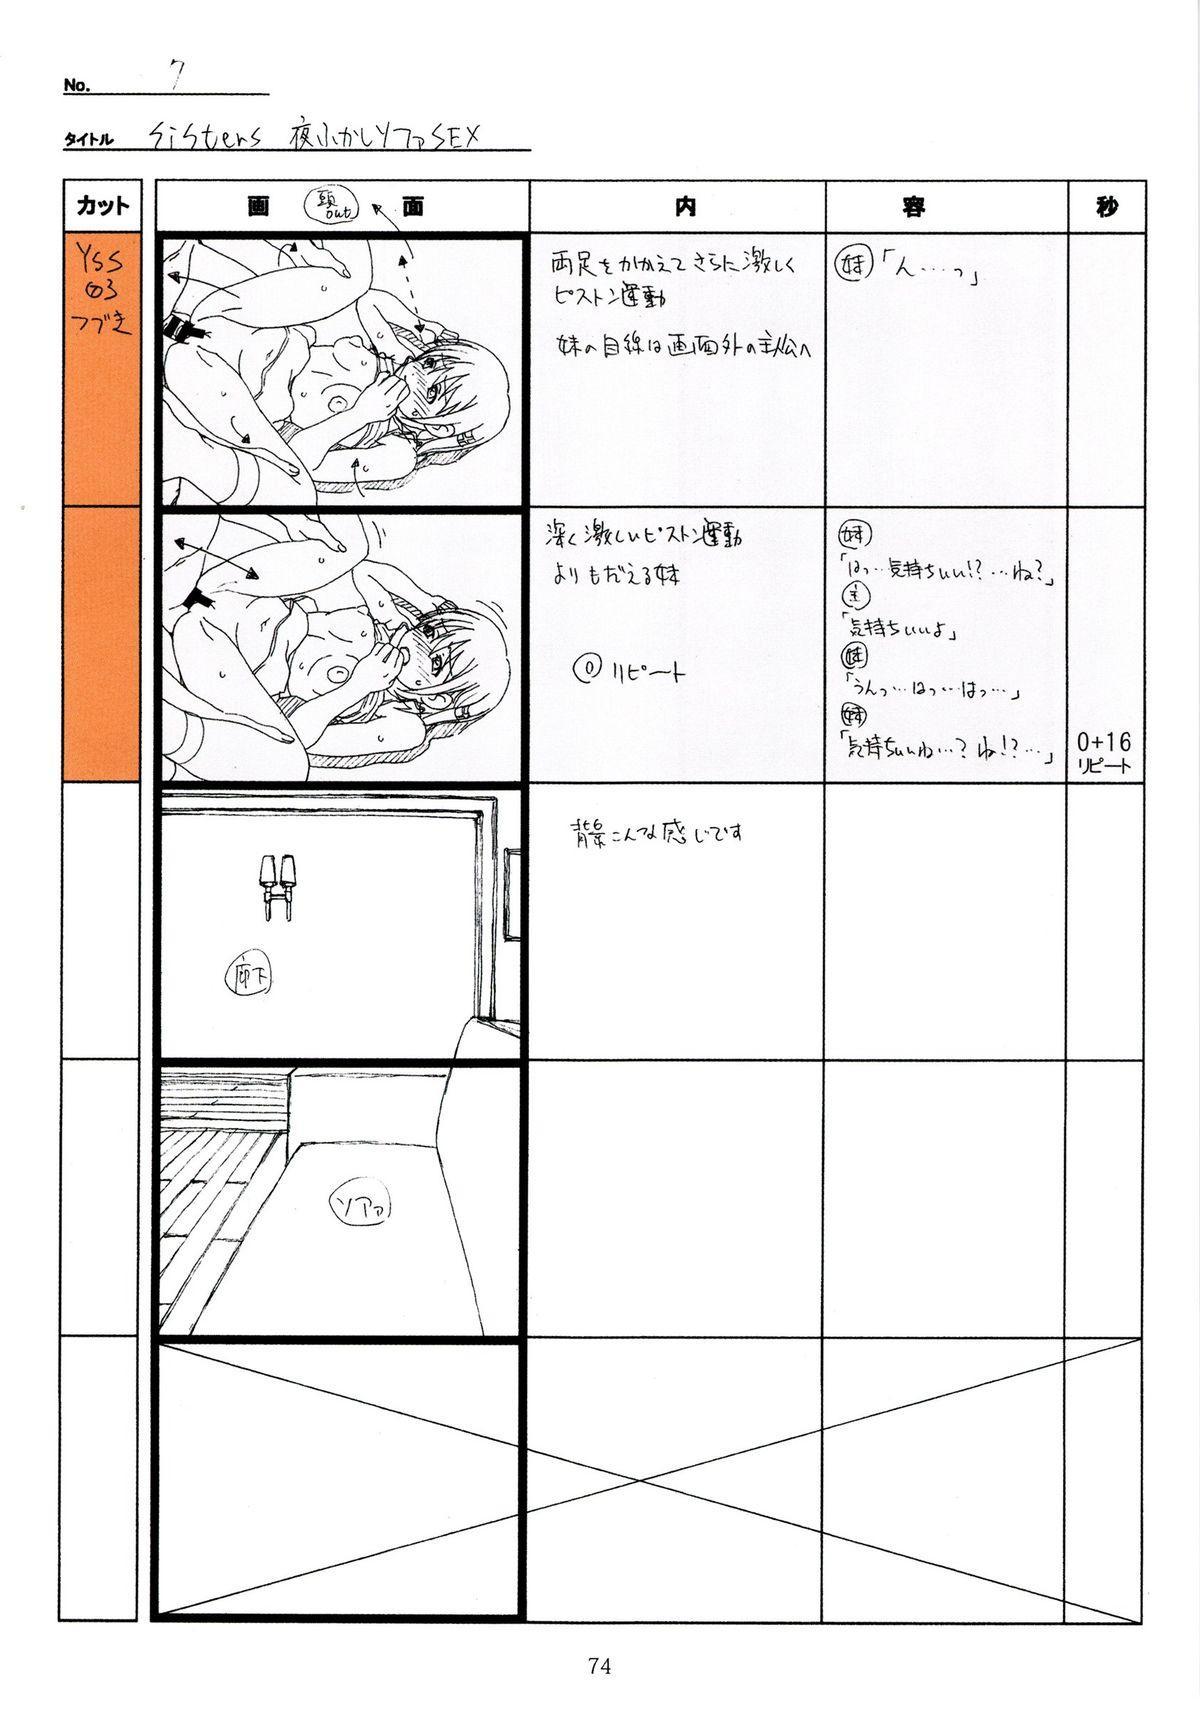 (C89) [Makino Jimusho (Taki Minashika)] SISTERS -Natsu no Saigo no Hi- H Scene All Part Storyboard (SISTERS -Natsu no Saigo no Hi-) 73